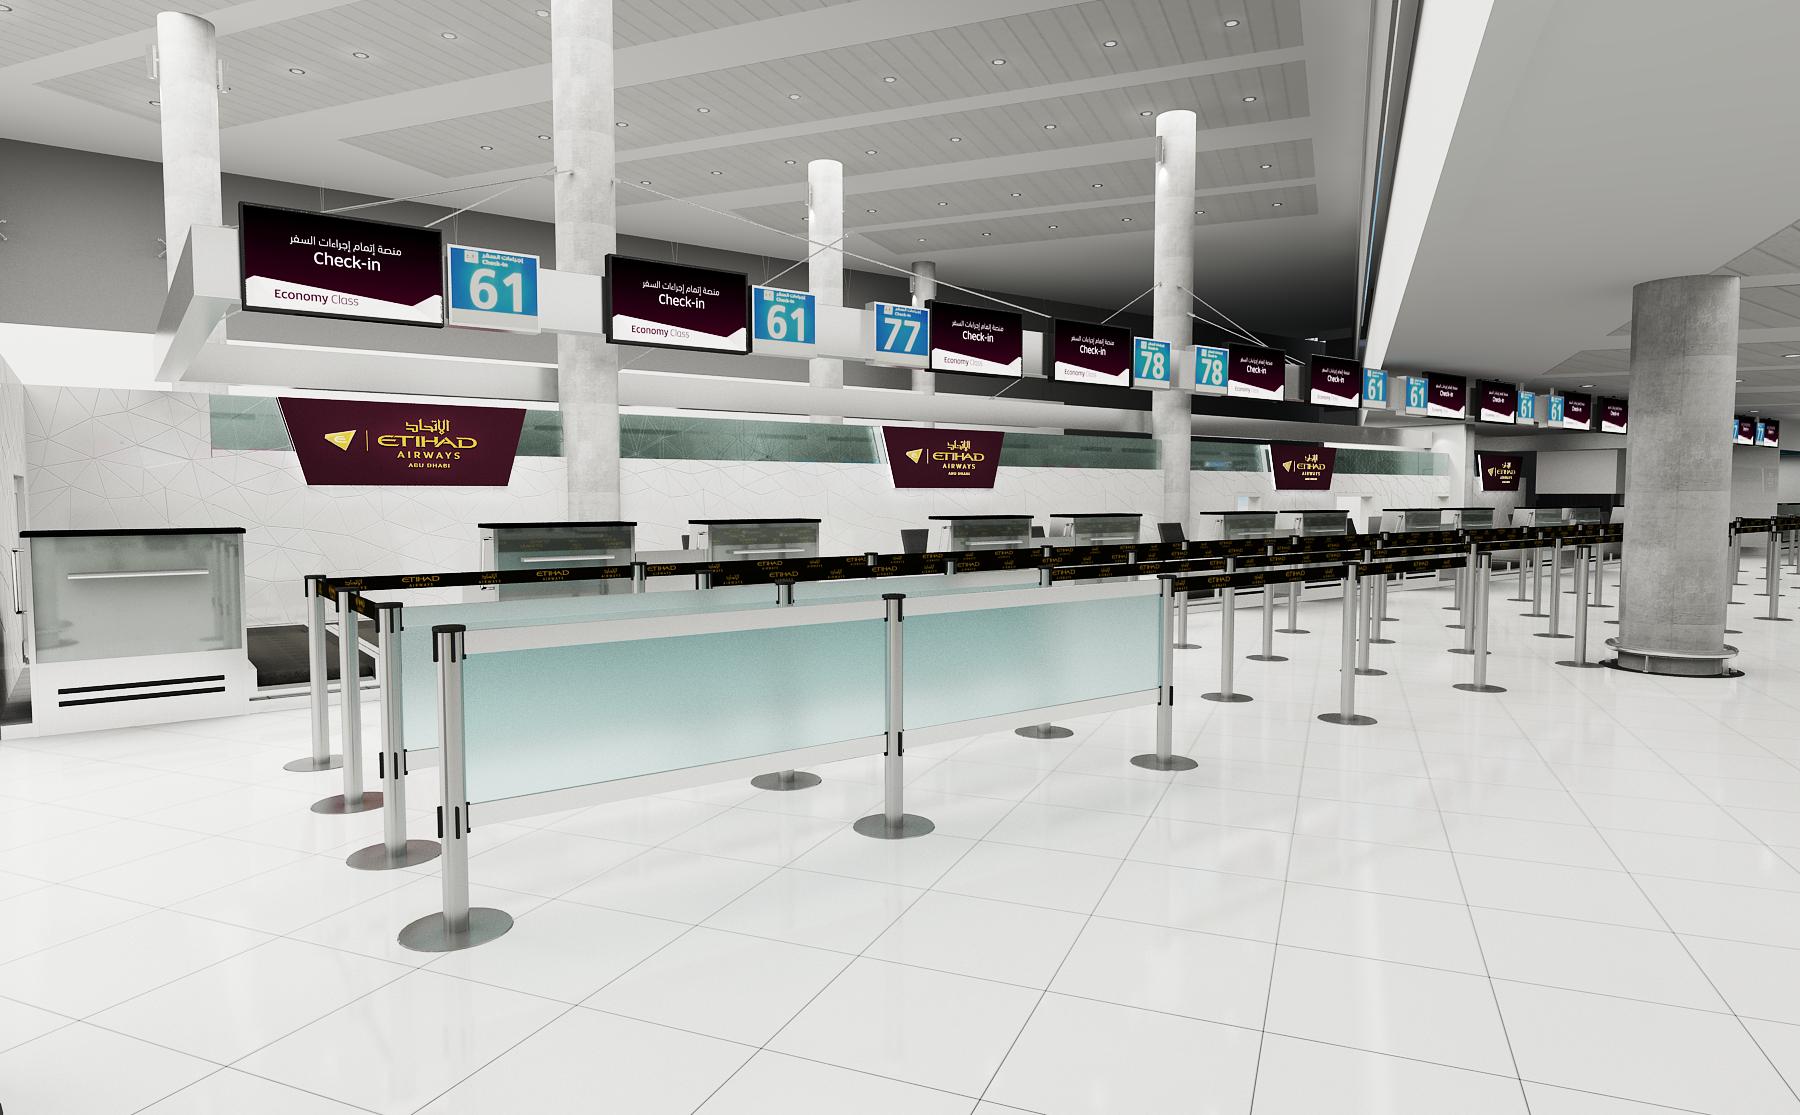 Clayton garcia etihad airways check in counters abu dhabi airport t3 - Etihad airways office in abu dhabi ...